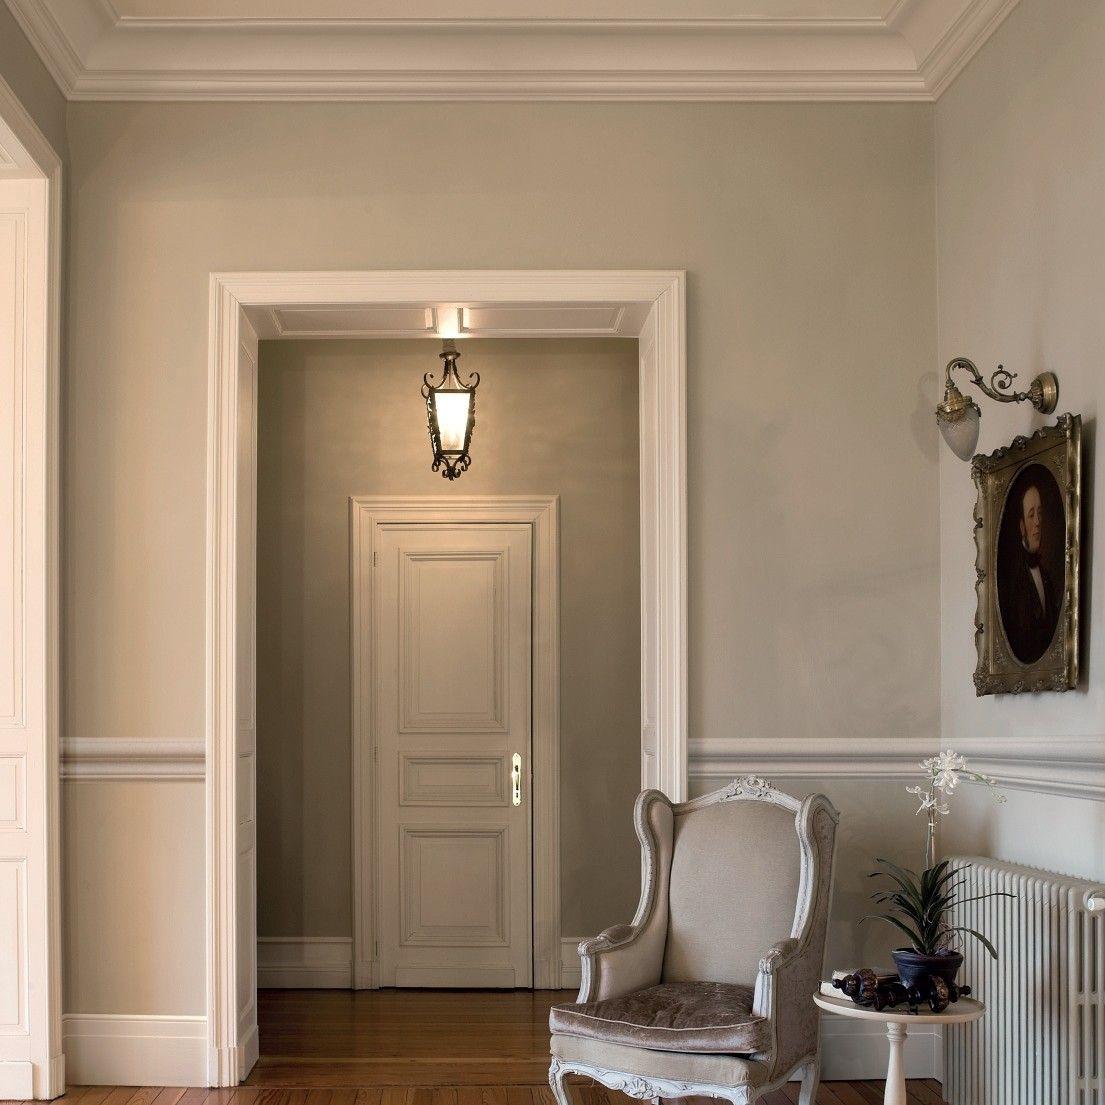 Peinture haut bas moulure milieu blanc deco pinterest cimaise decoration et maison - Peinture boiserie porte ...